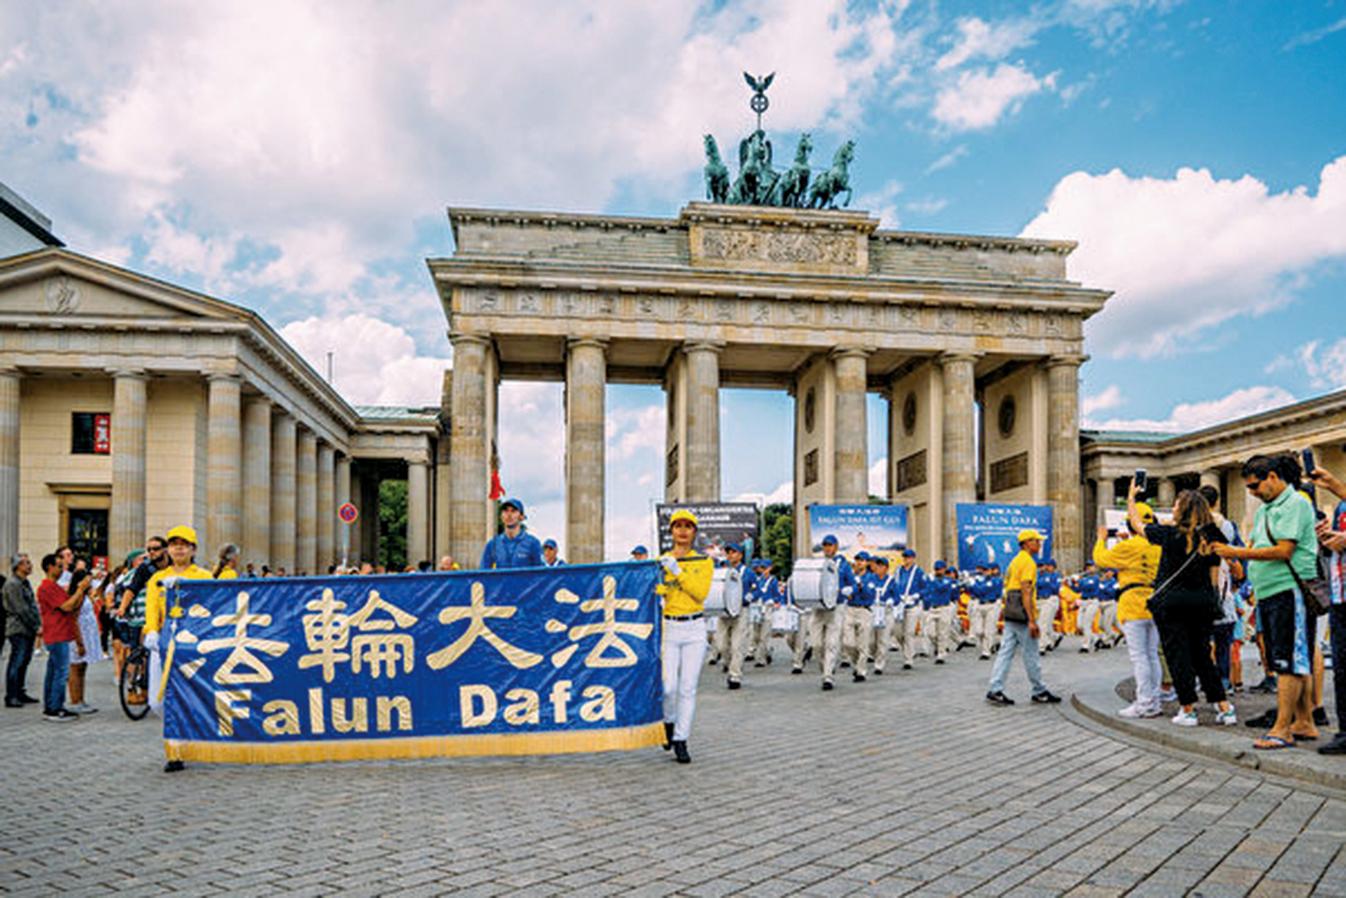 日前德國法輪功學員在首都柏林舉行遊行,呼籲公眾幫助制止中共對法輪功的迫害。圖為勃蘭登堡大門。(張清颻/大紀元)